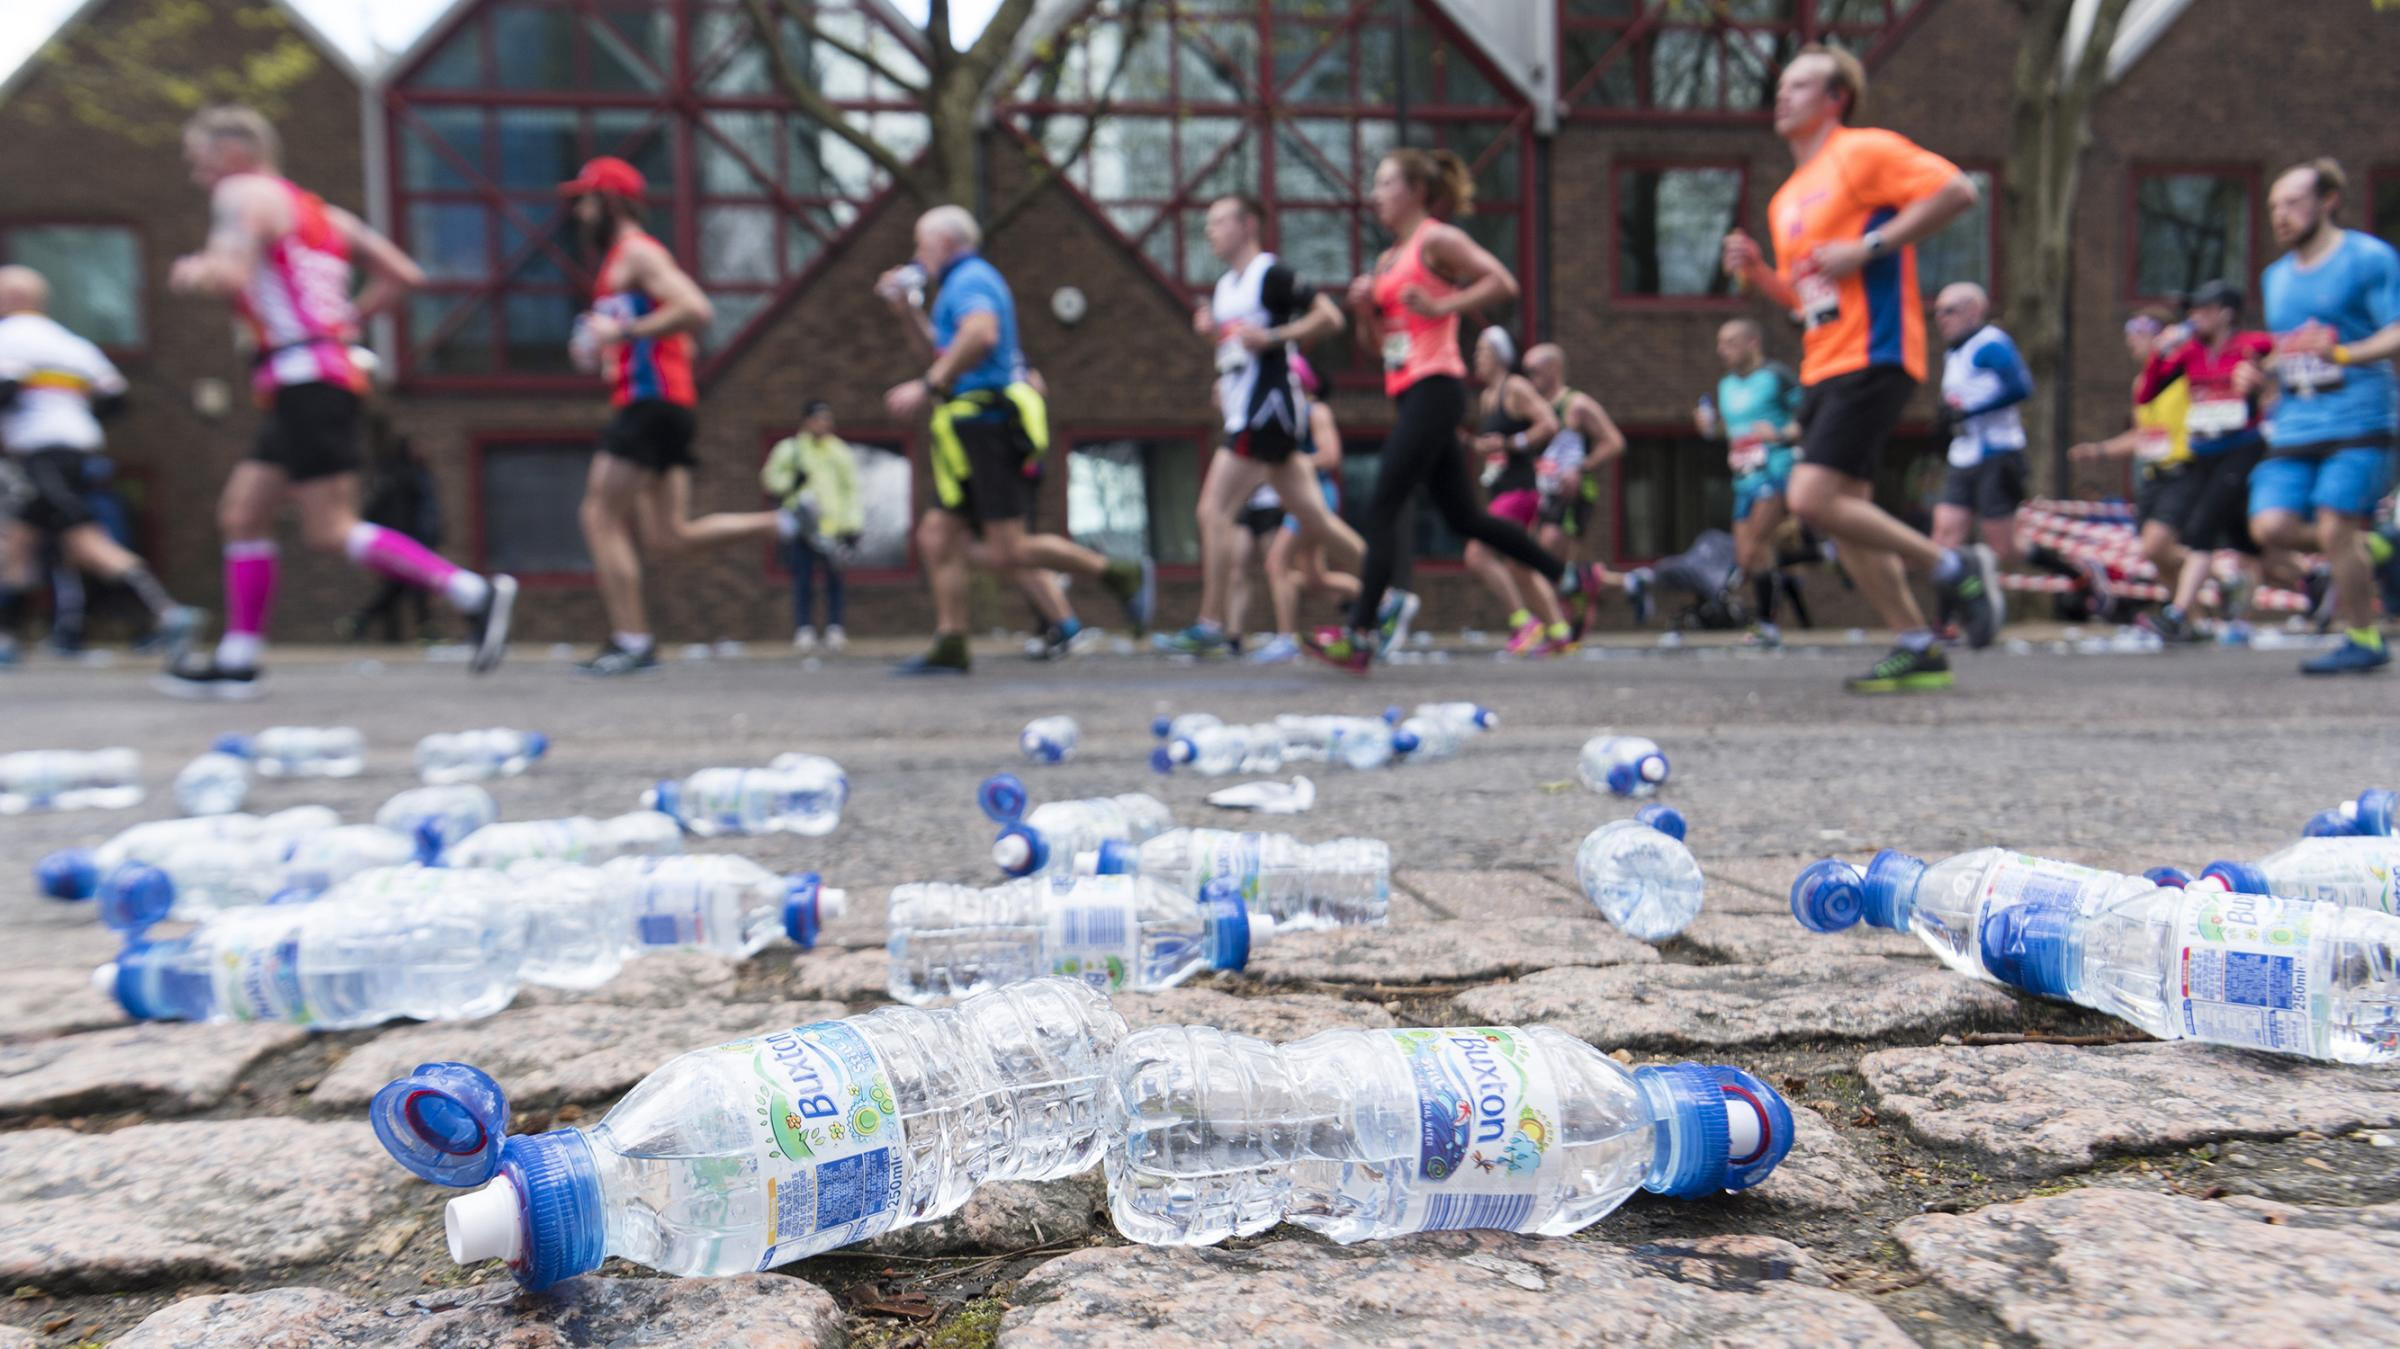 Как организаторы марафонов могут помочь спасти Землю от экологического кризиса